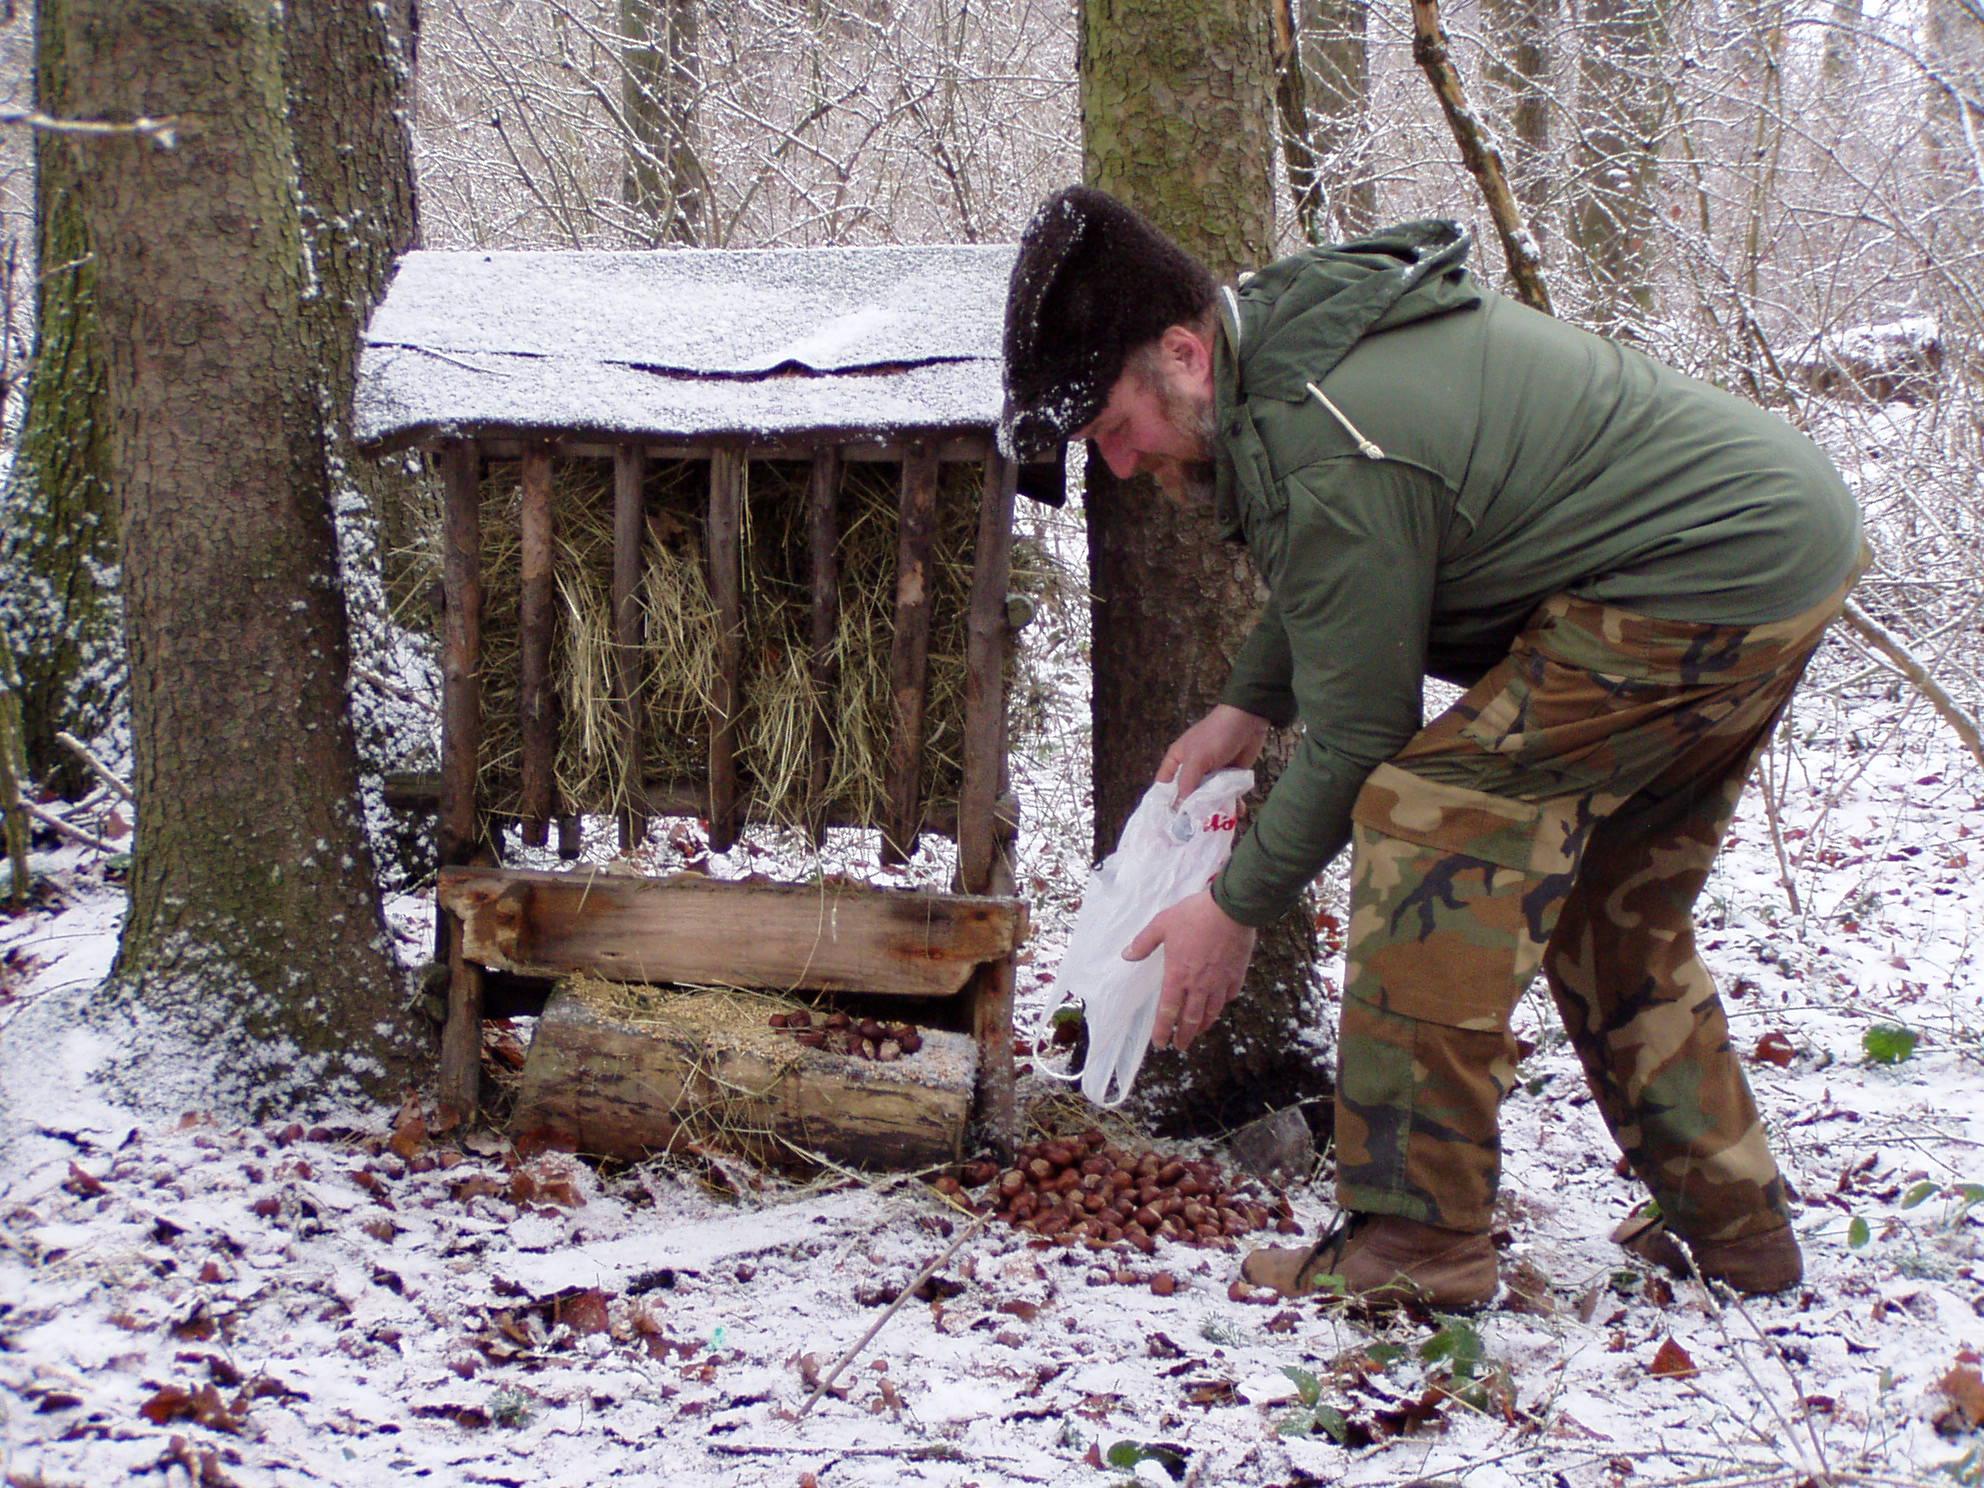 Ochránce přírody Karel Jakubek při přikrmování volně žijících živočichů.